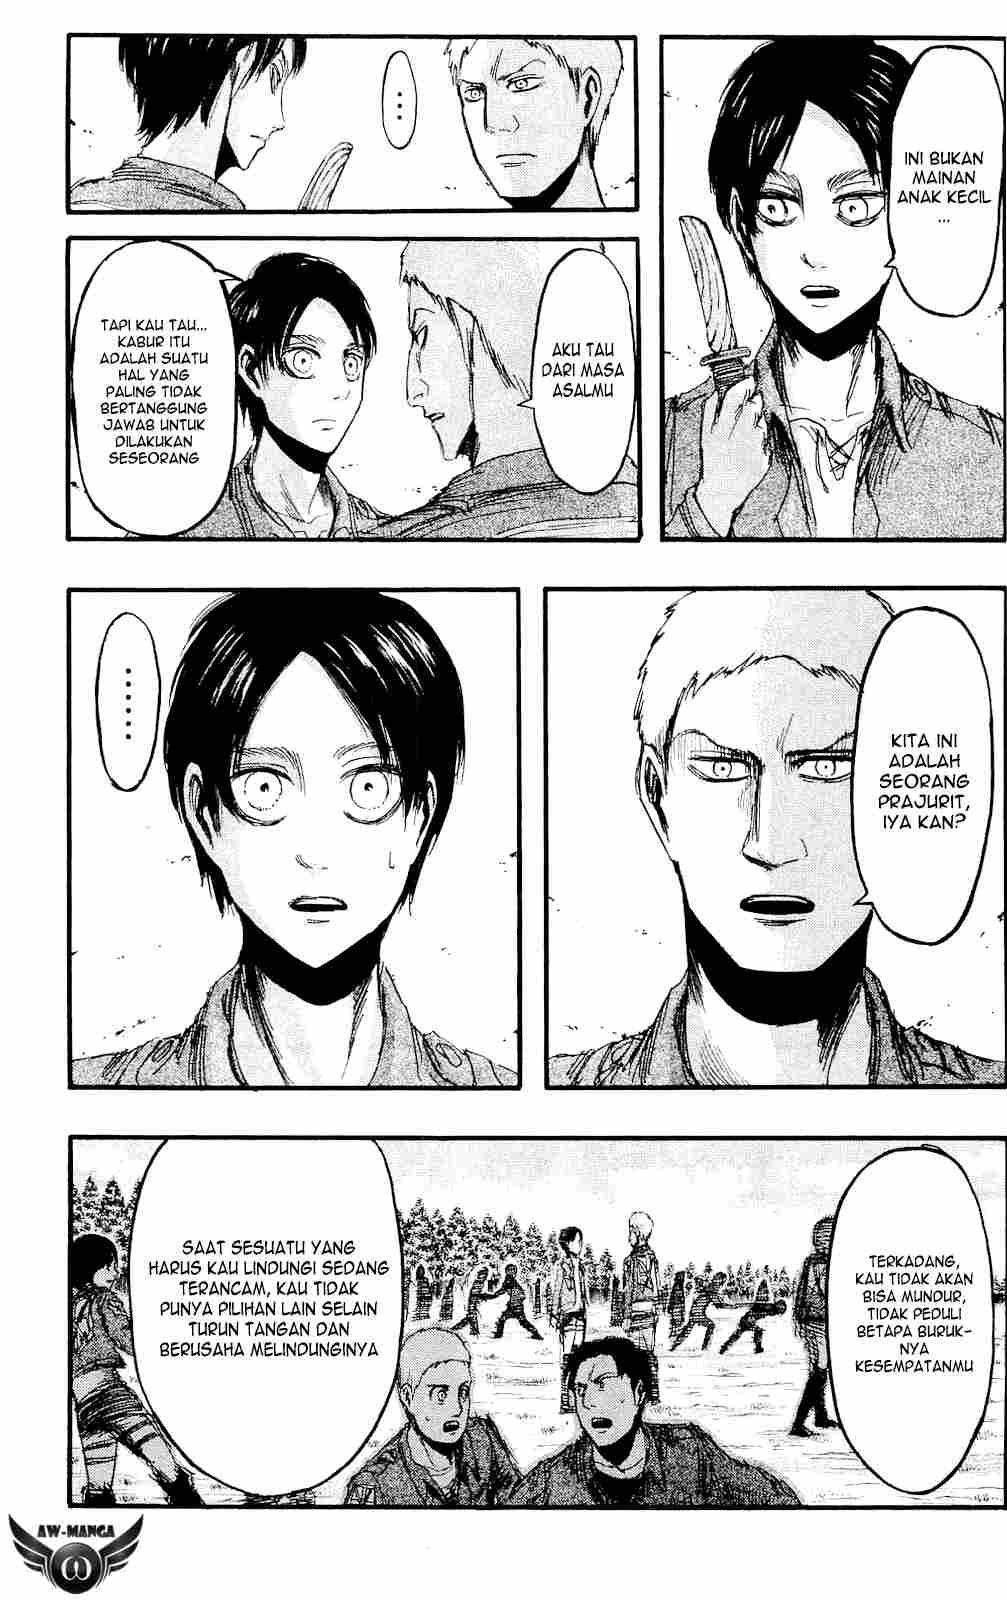 Komik shingeki no kyojin 017 - ilusi dari kekuatan 18 Indonesia shingeki no kyojin 017 - ilusi dari kekuatan Terbaru 7|Baca Manga Komik Indonesia|